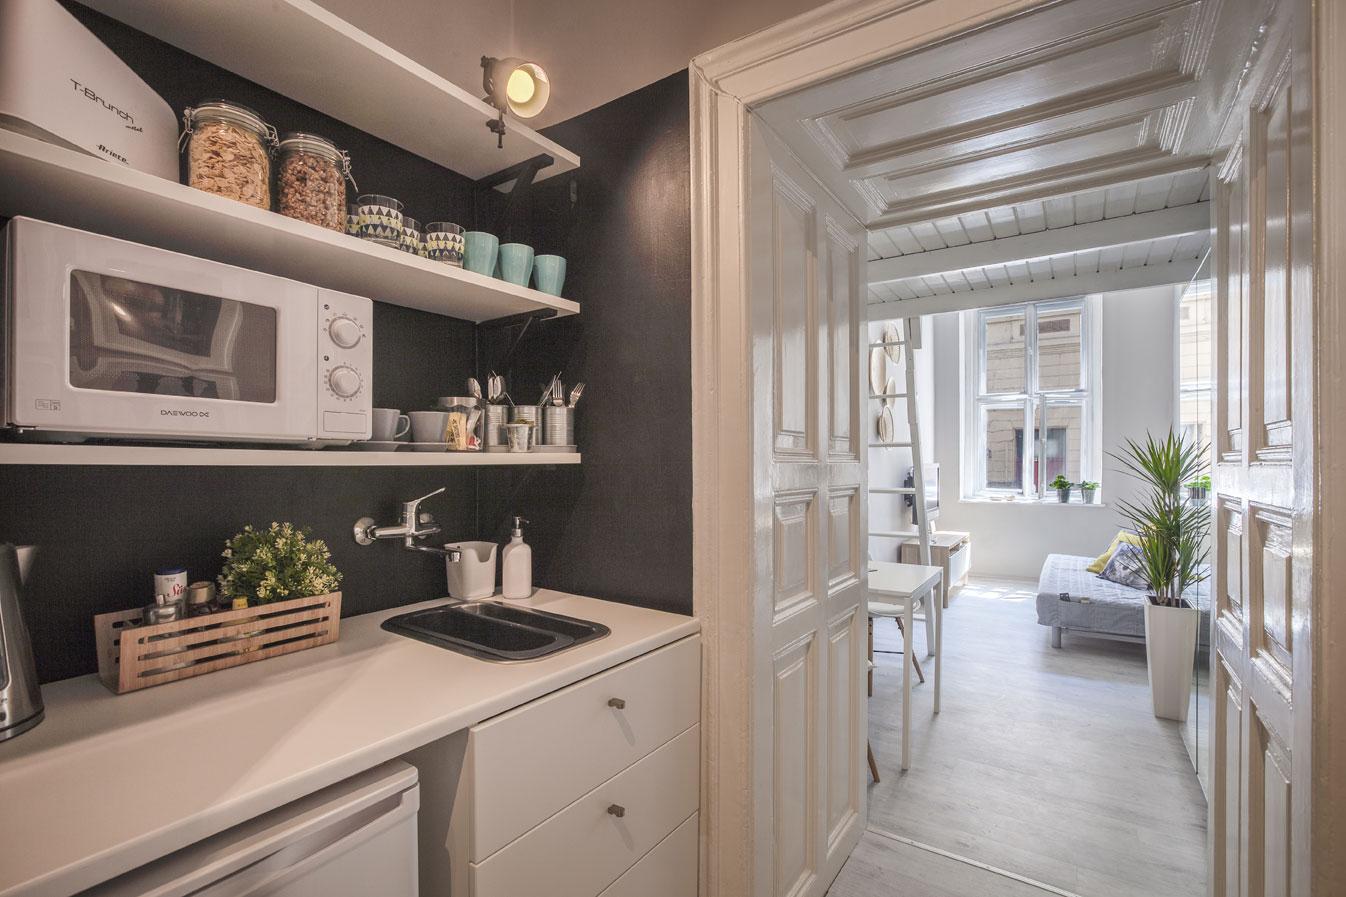 Ilyen lett: konyha és szoba